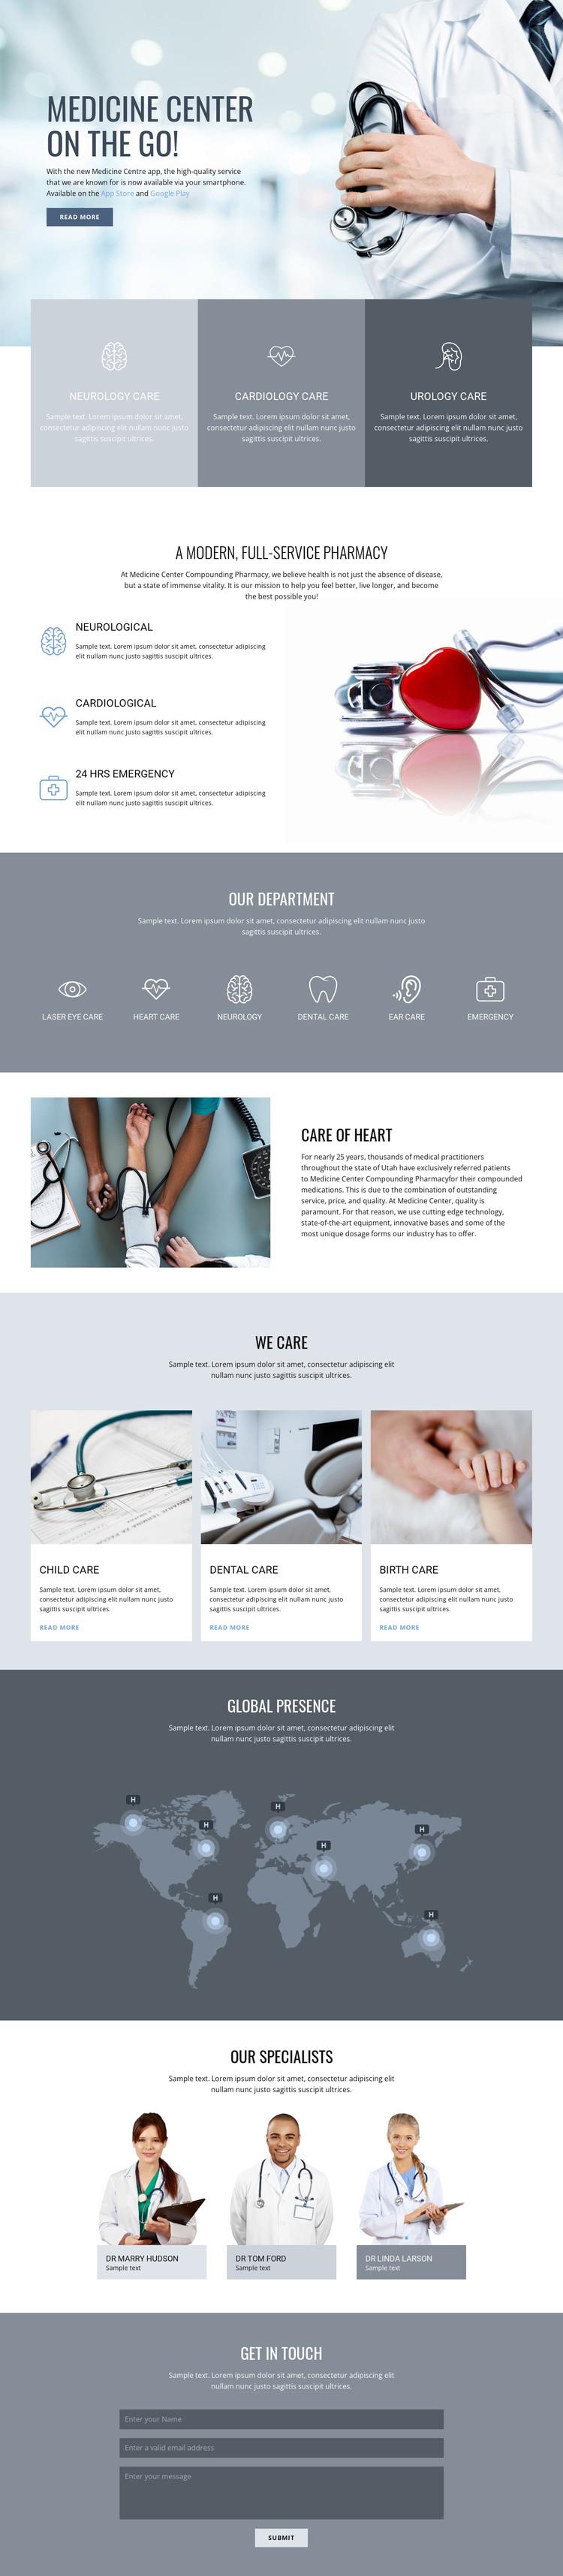 Center of quality medicine Web Design